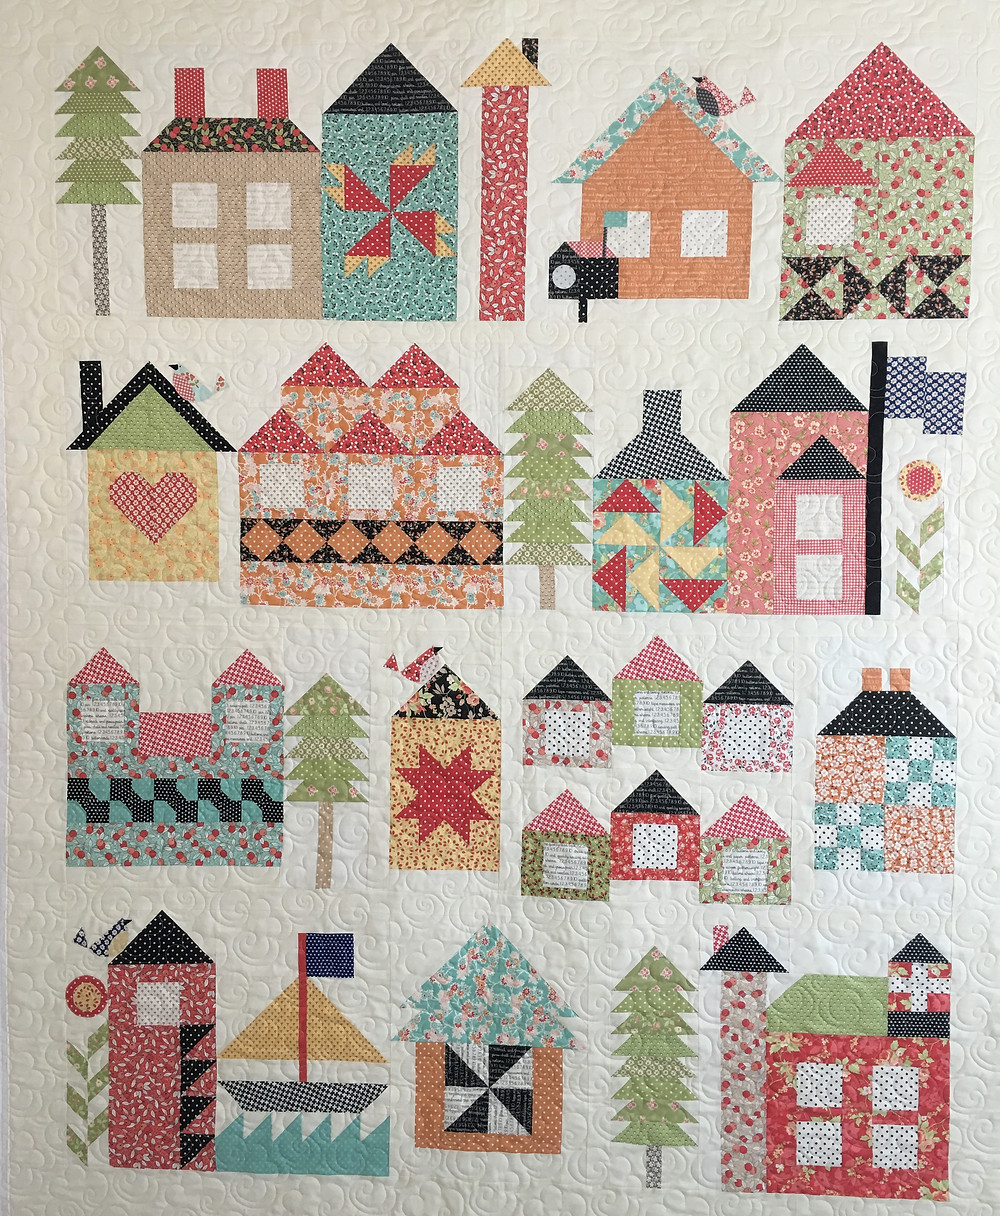 Sampler of Houses Quilt by Sally Matoushek